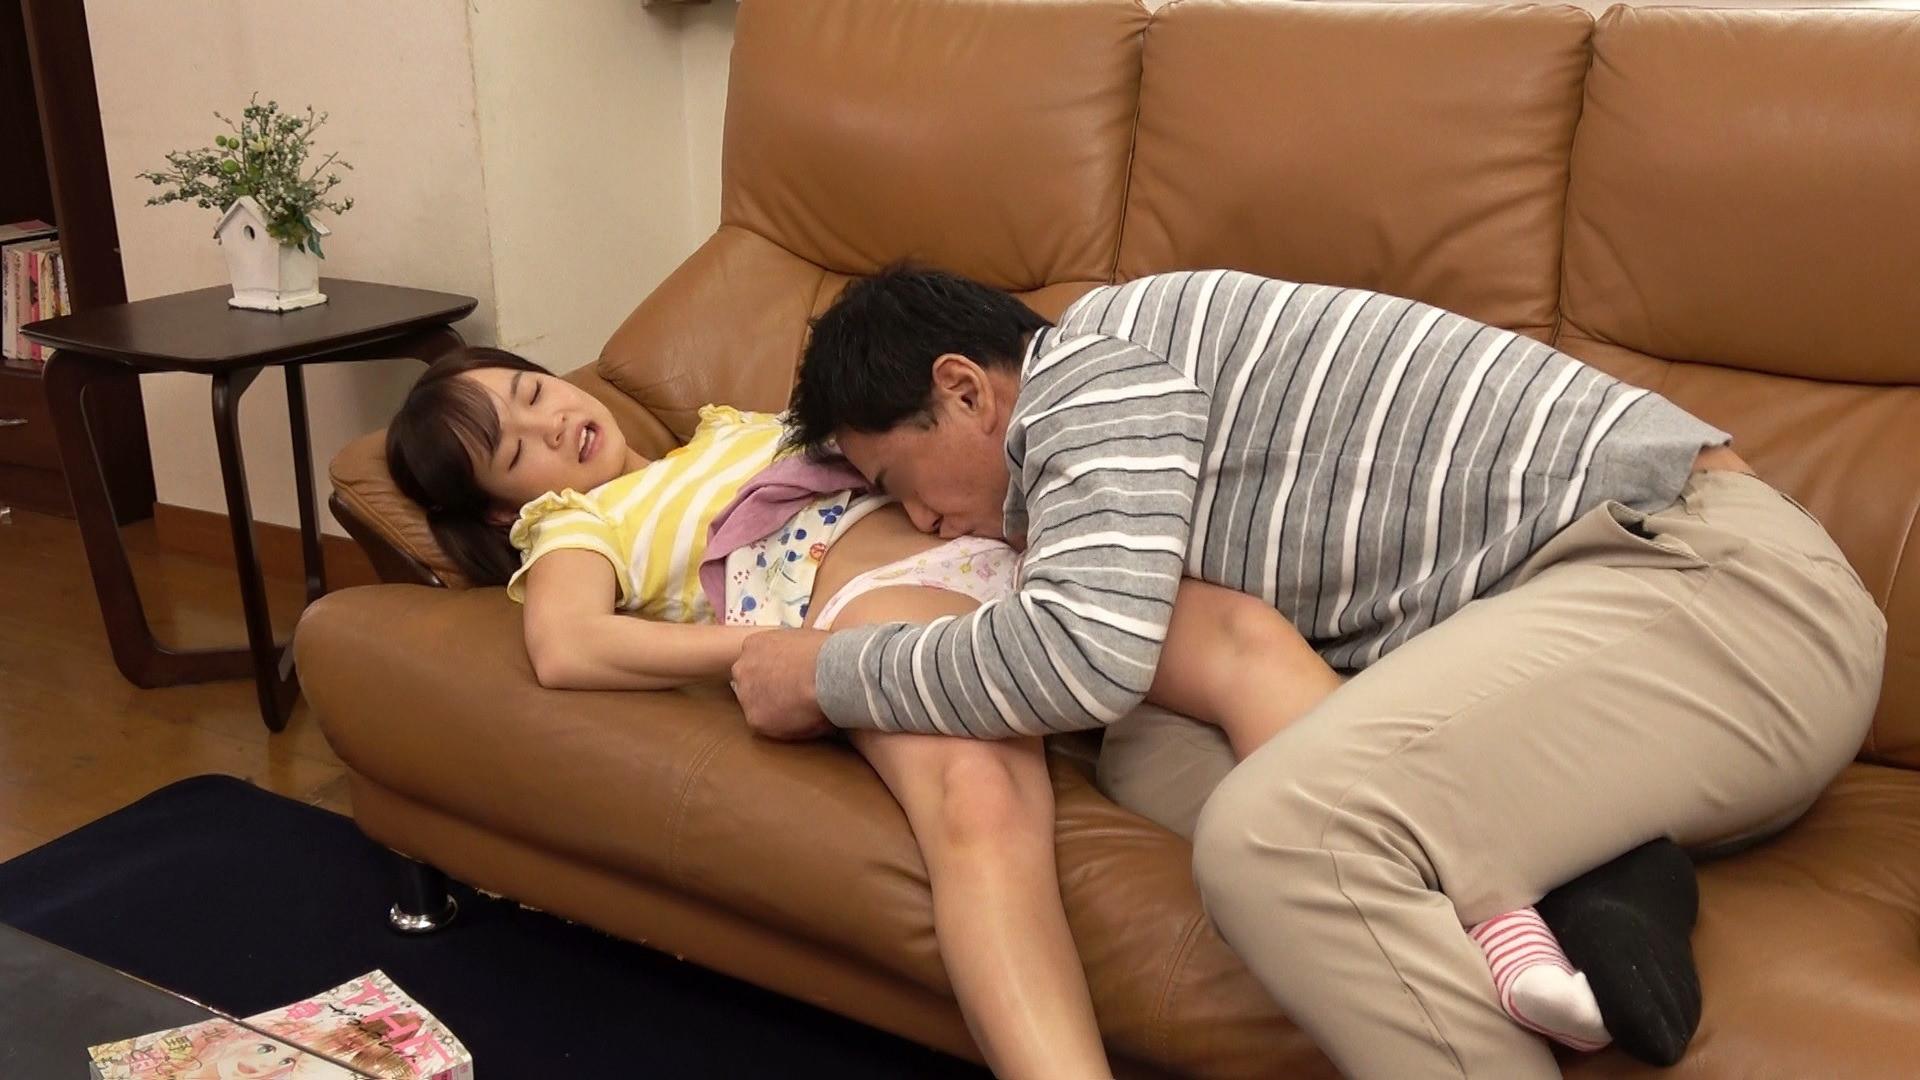 「パパの赤ちゃんが欲しいの!」小さすぎる連れ子とパパのいびつな愛の日常、そして中出しへと・・・ ららちゃん 画像3